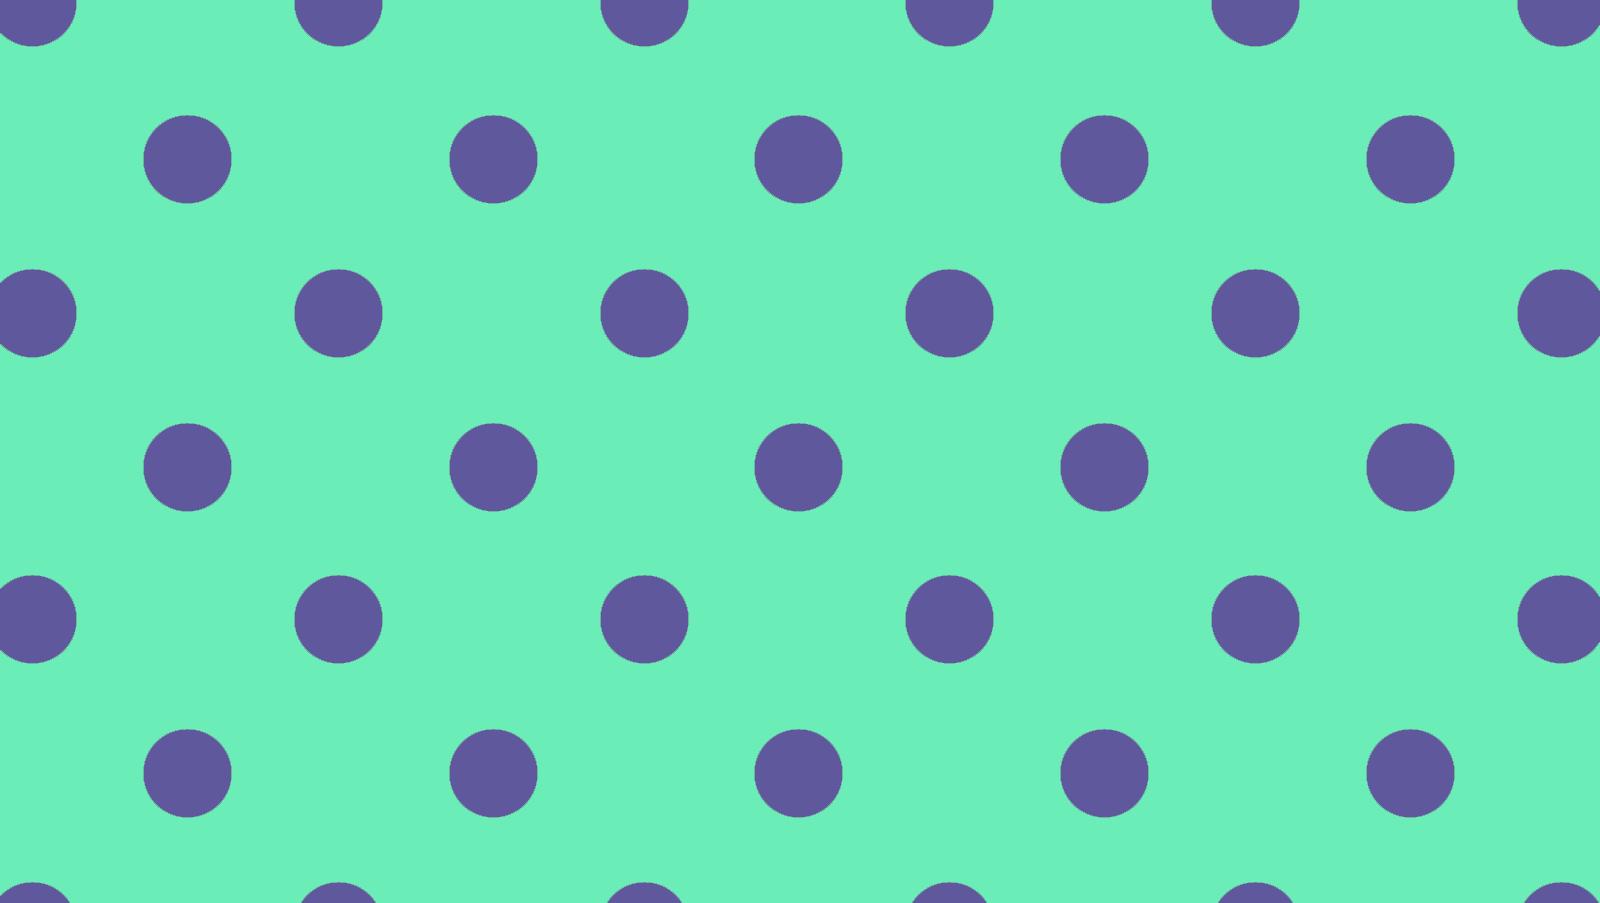 cute polka dot wallpaper wallpapersafari